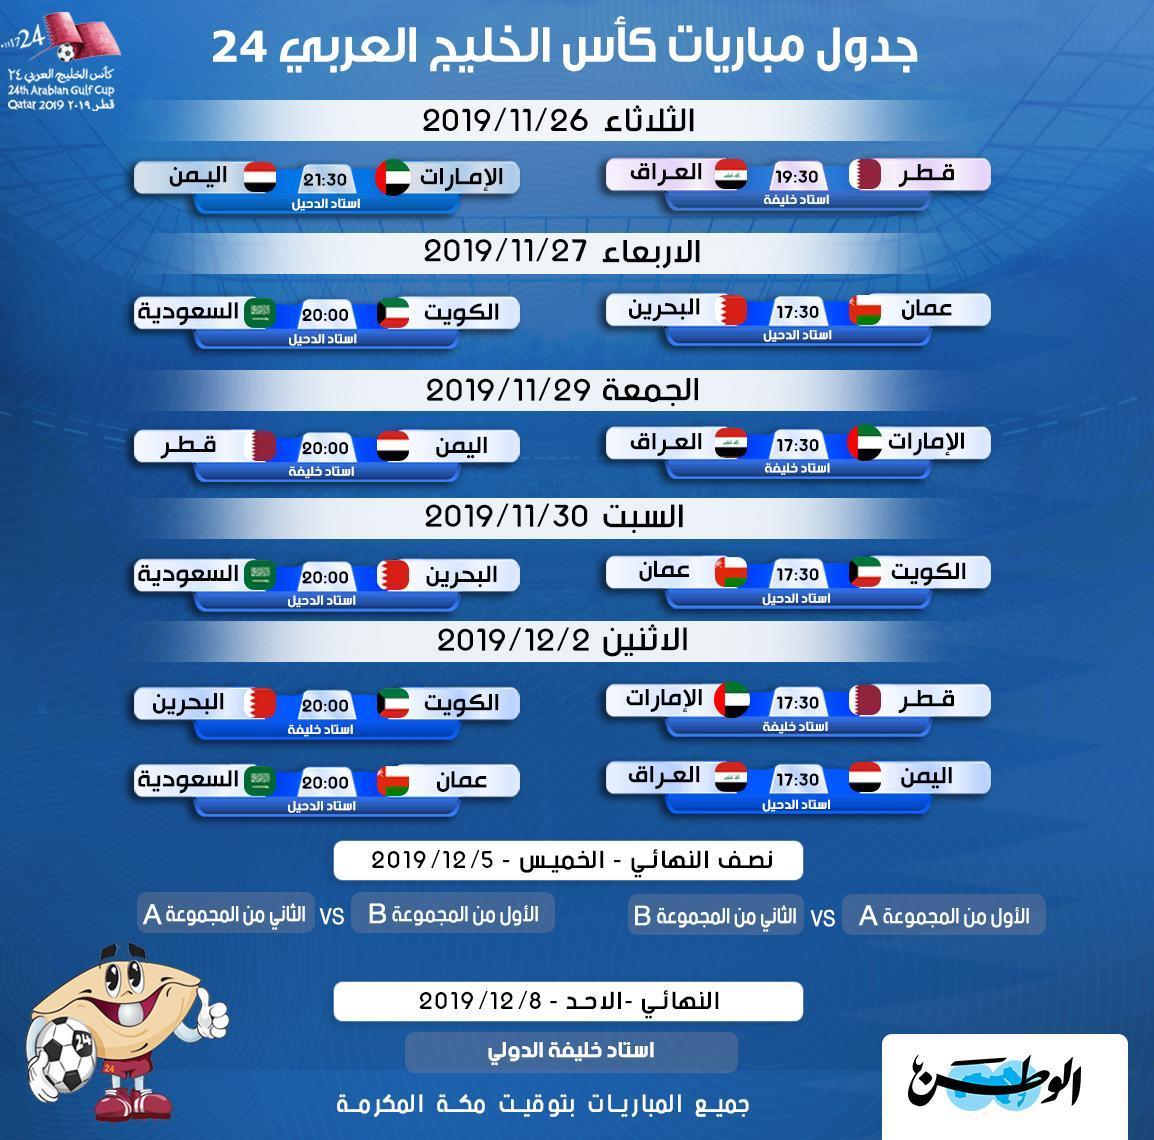 جدول مواعيد مباريات خليجي في قطر